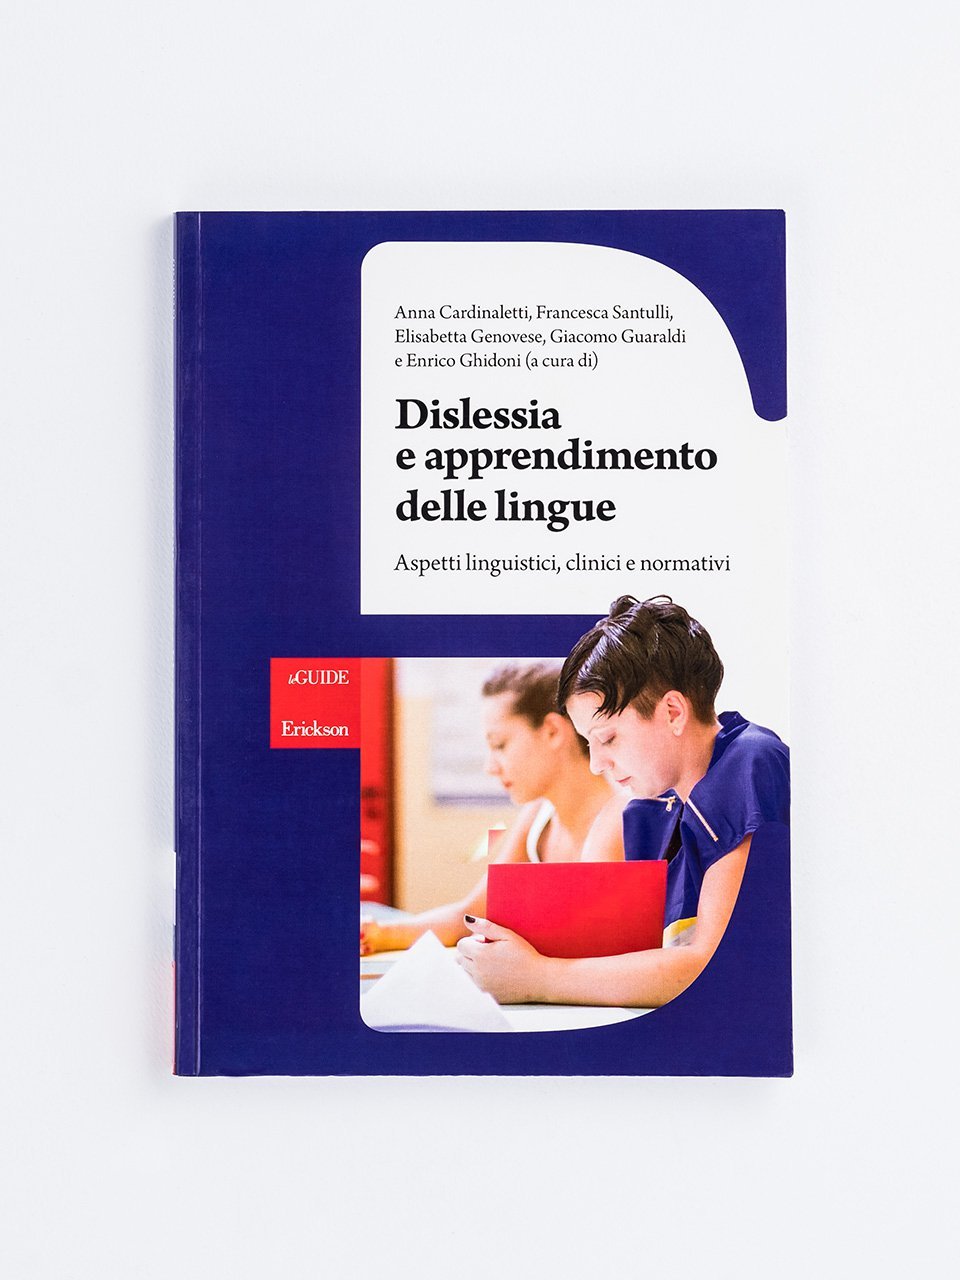 Dislessia e apprendimento delle lingue - My First Word Games - App e software - Erickson